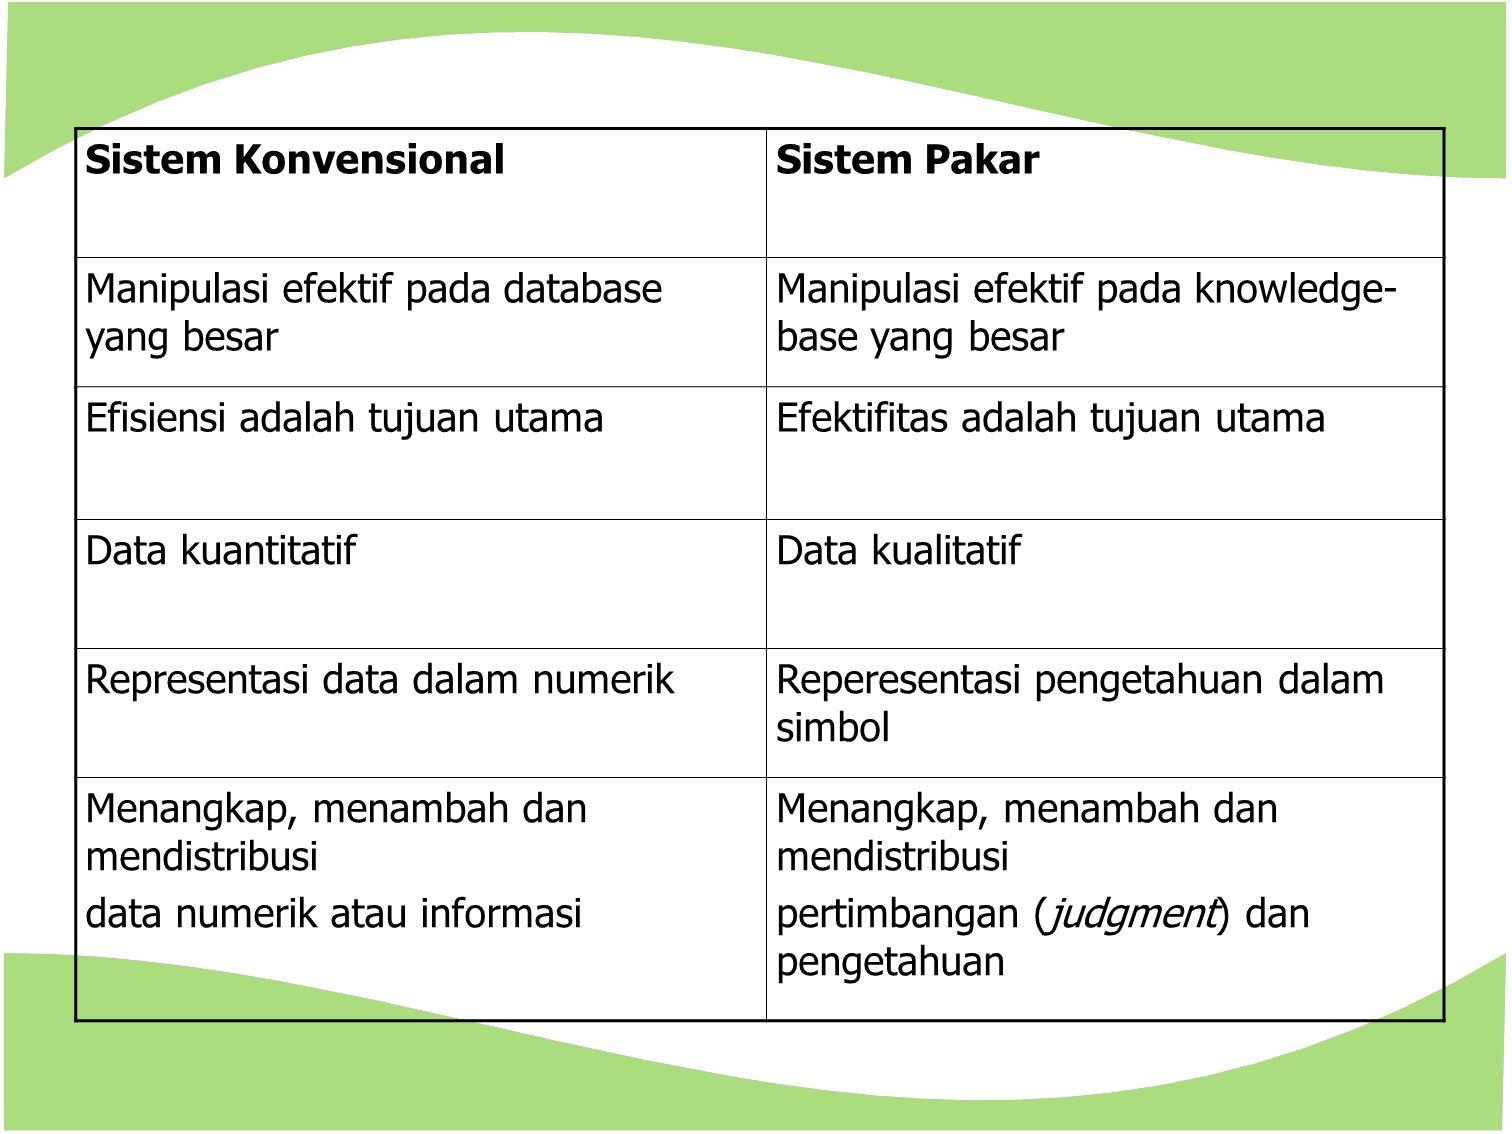 Sistem Konvensional Sistem Pakar. Manipulasi efektif pada database yang besar. Manipulasi efektif pada knowledge-base yang besar.